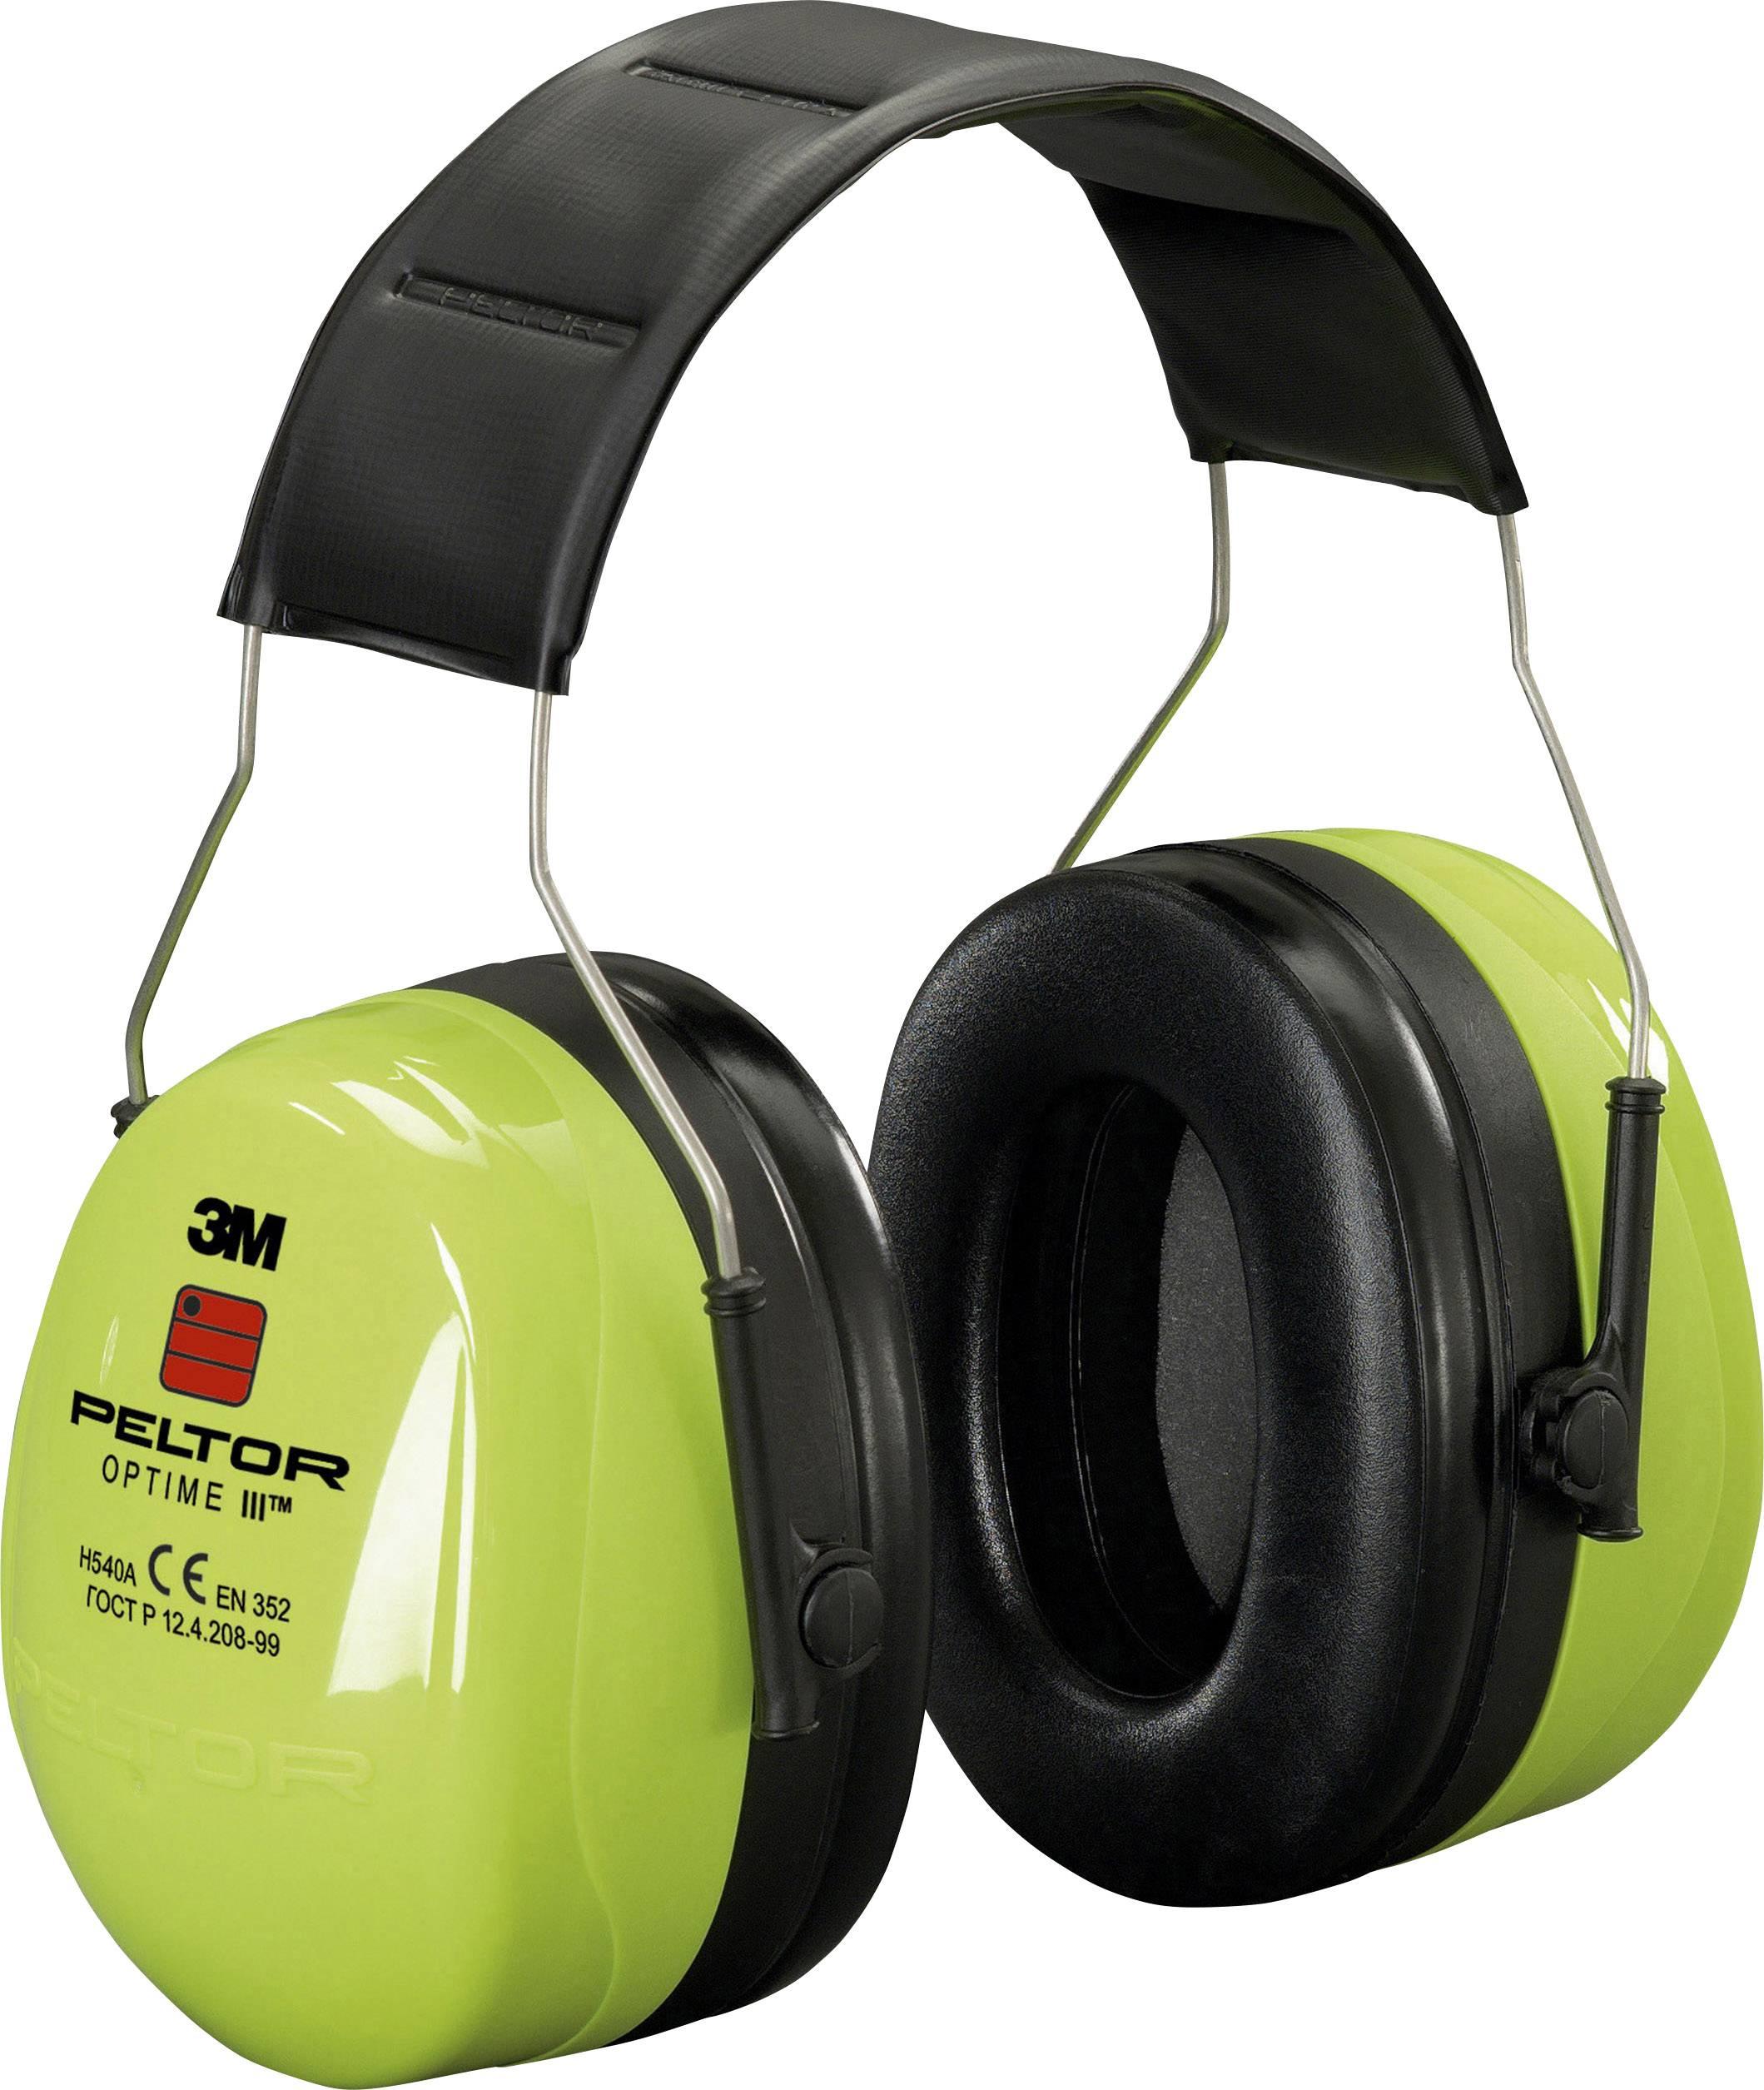 Mušľový chránič sluchu Peltor Optime III HVS H540AV, 35 dB, 1 ks